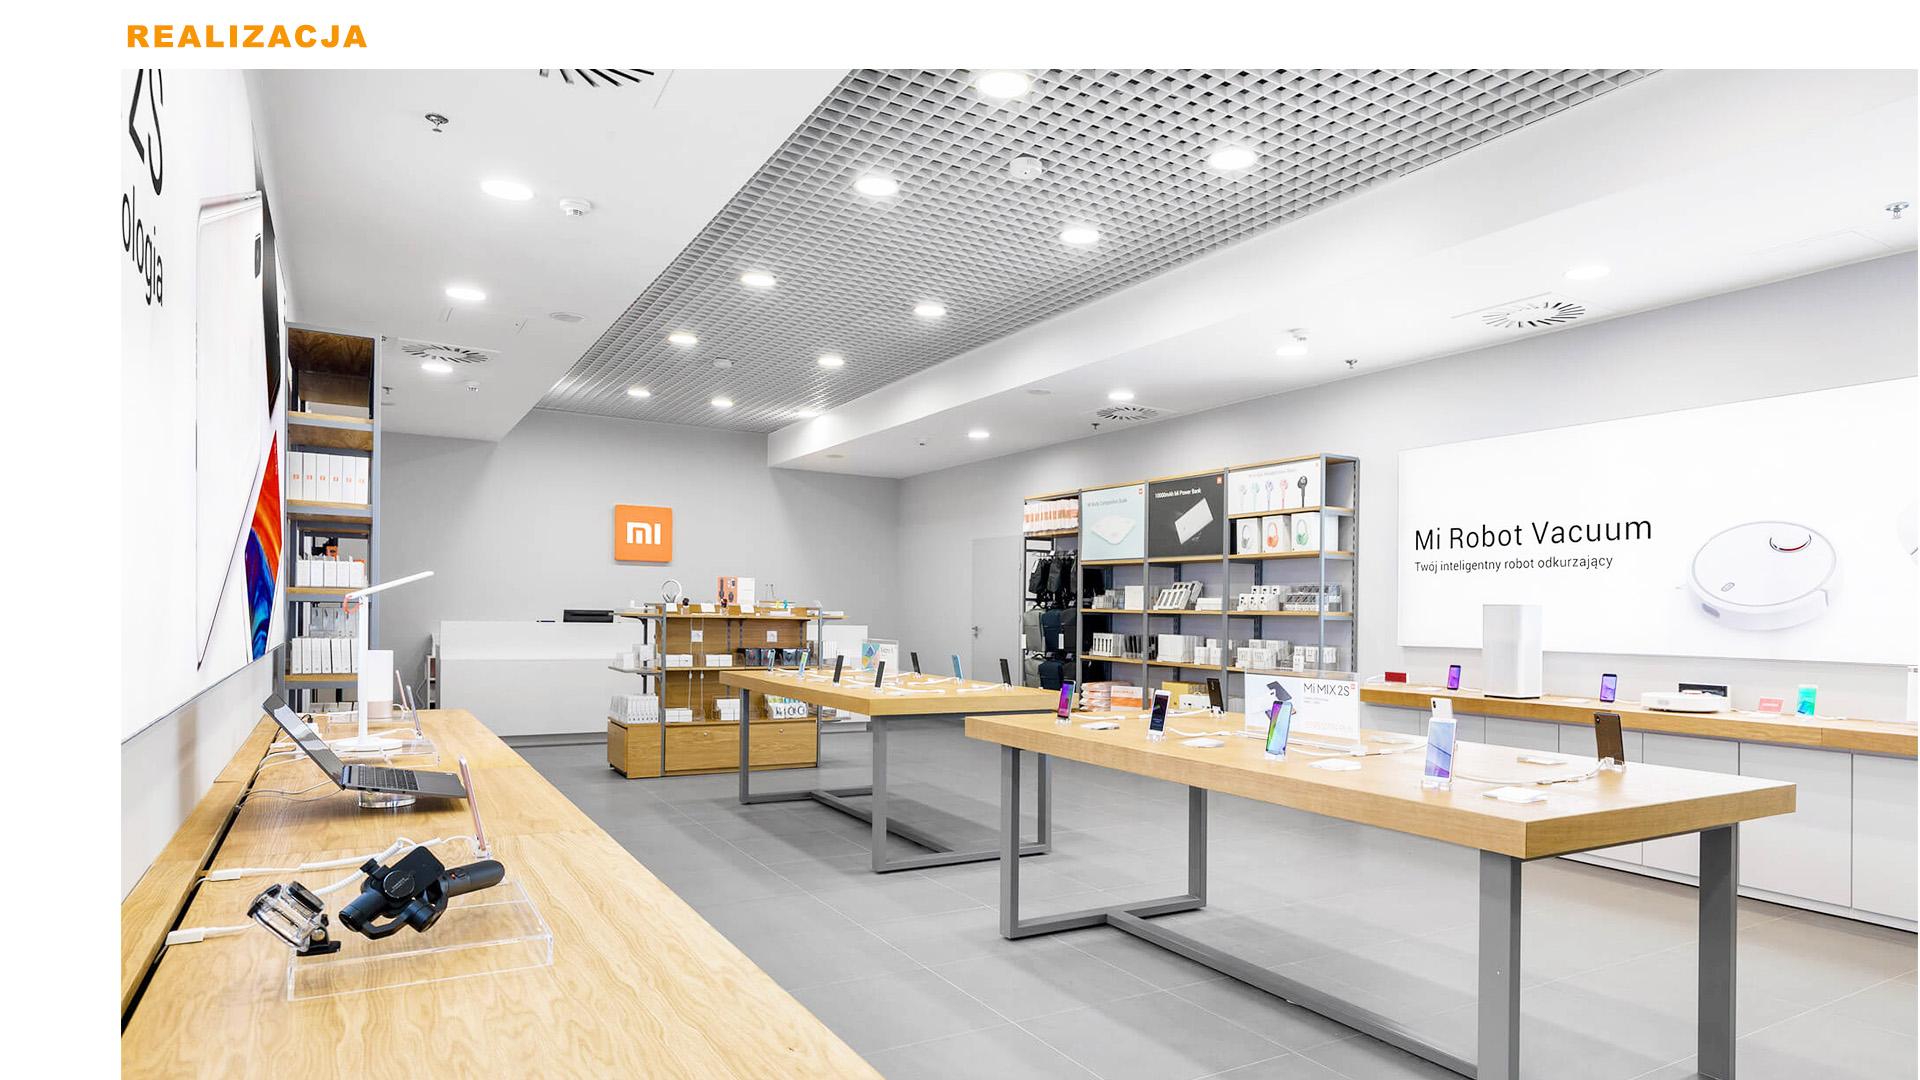 Mi-Store - Wrocław - Pasaż Grunwaldzki - realizacja